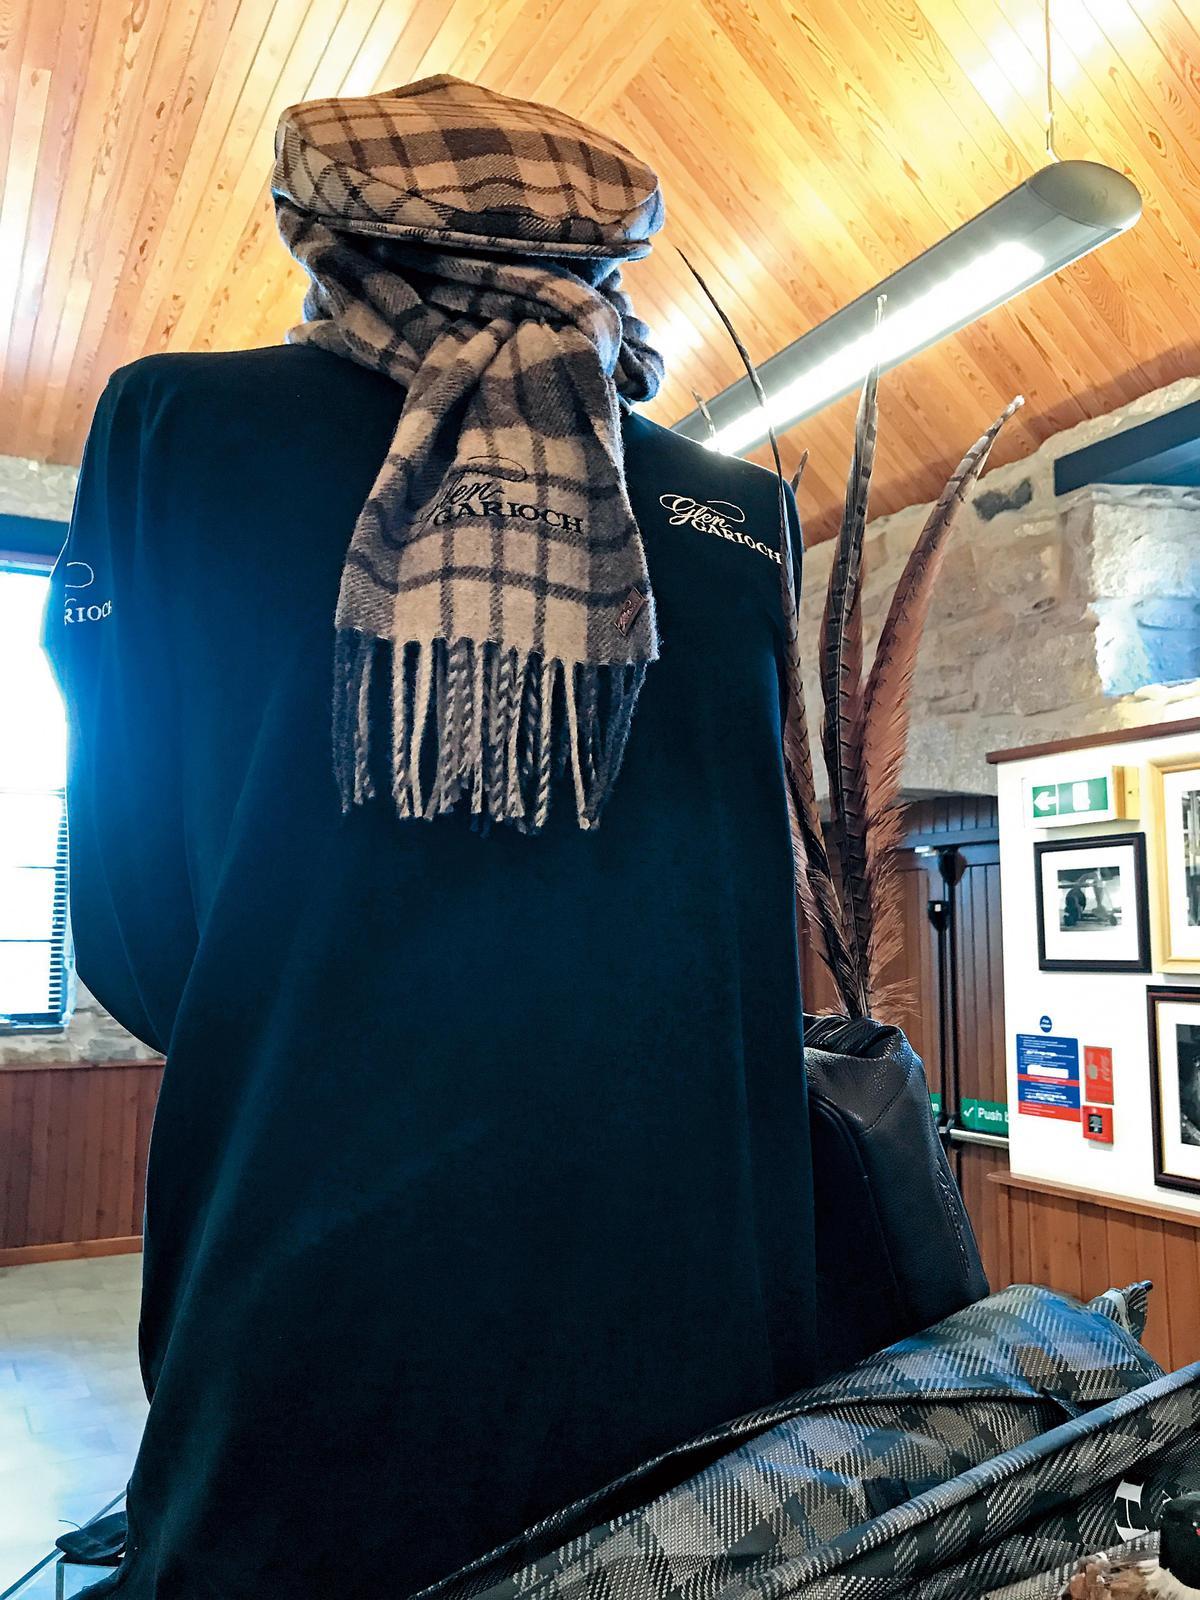 印有格蘭蓋瑞酒廠蘇格蘭紋格的帽子與圍巾,是造訪酒廠最佳的紀念品之一。